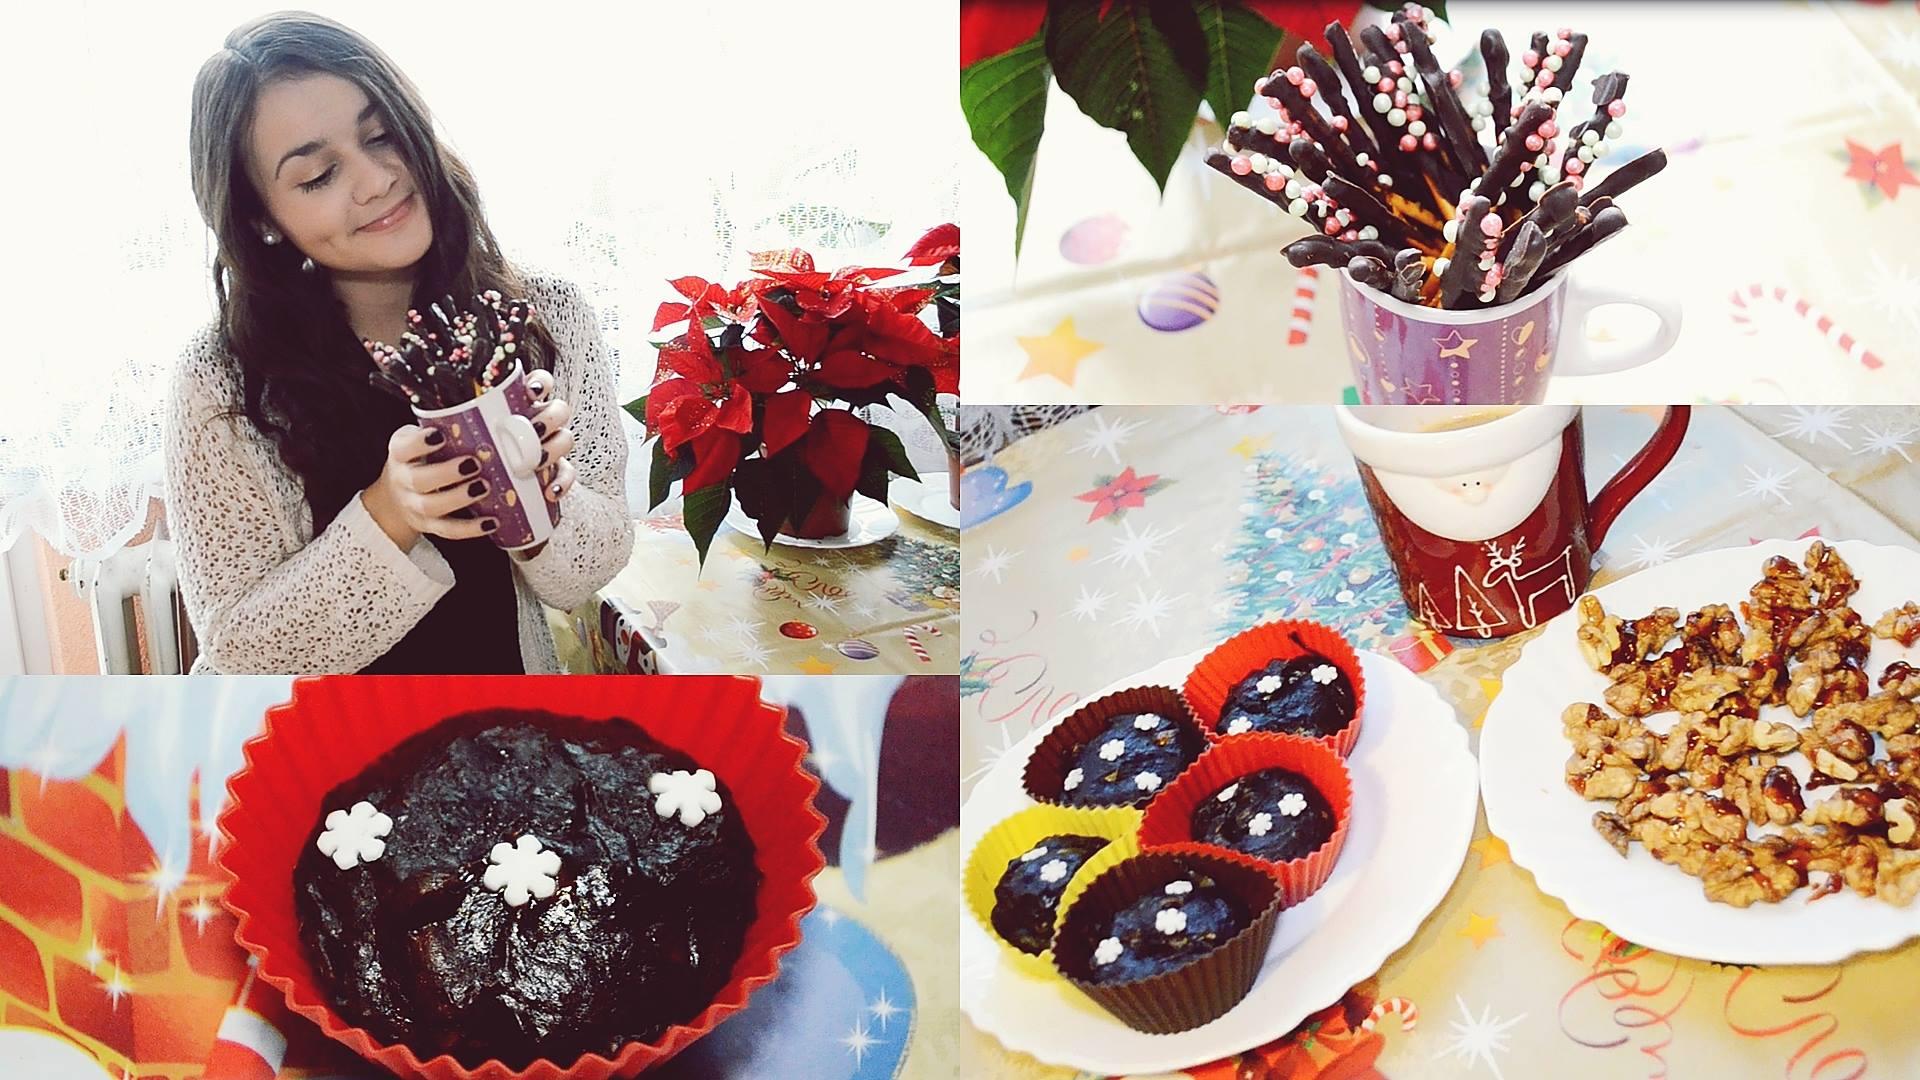 Vianočné cukrovinky, ktoré potešia oko i chuťové poháriky!